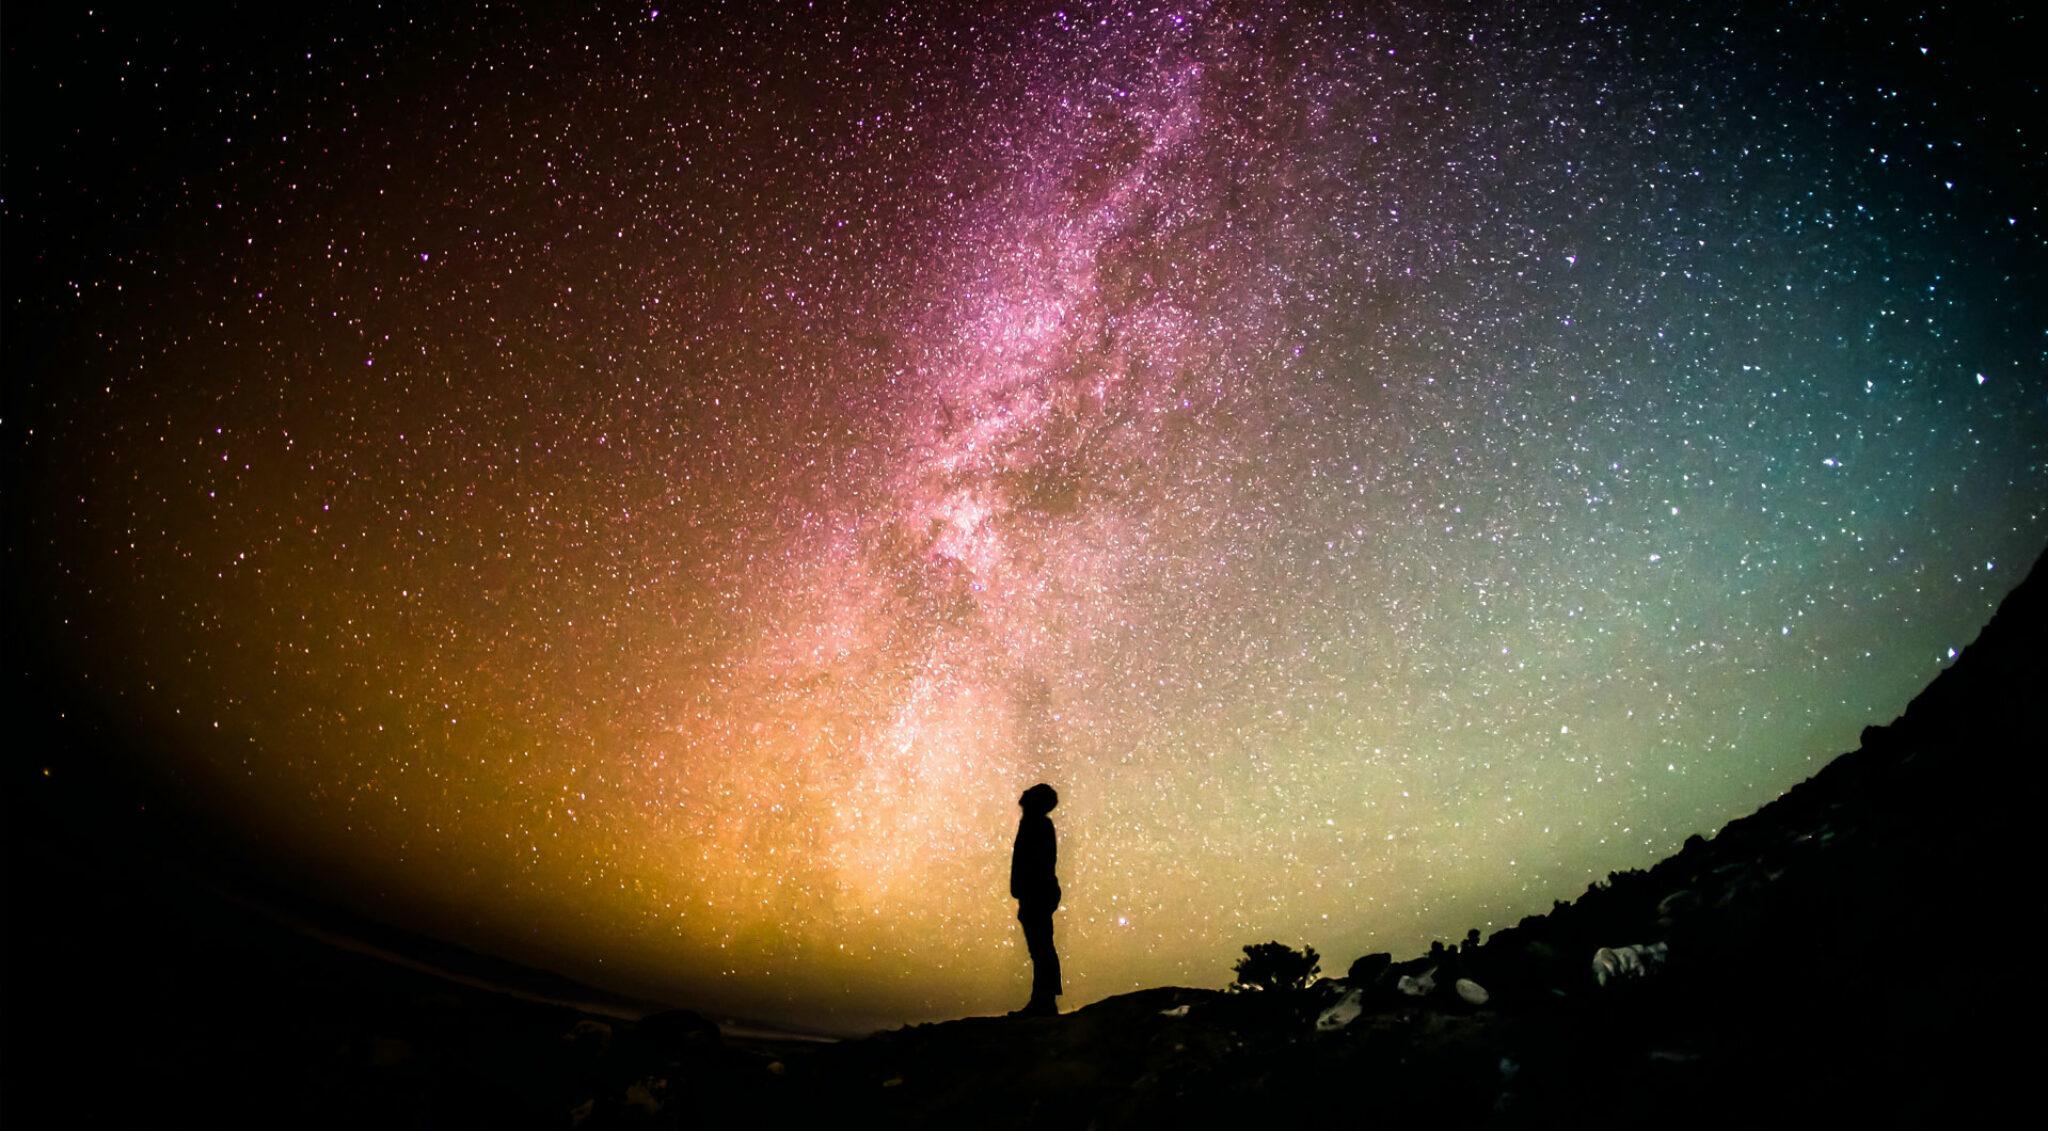 Eine Person vor dem Sternenhimmel.